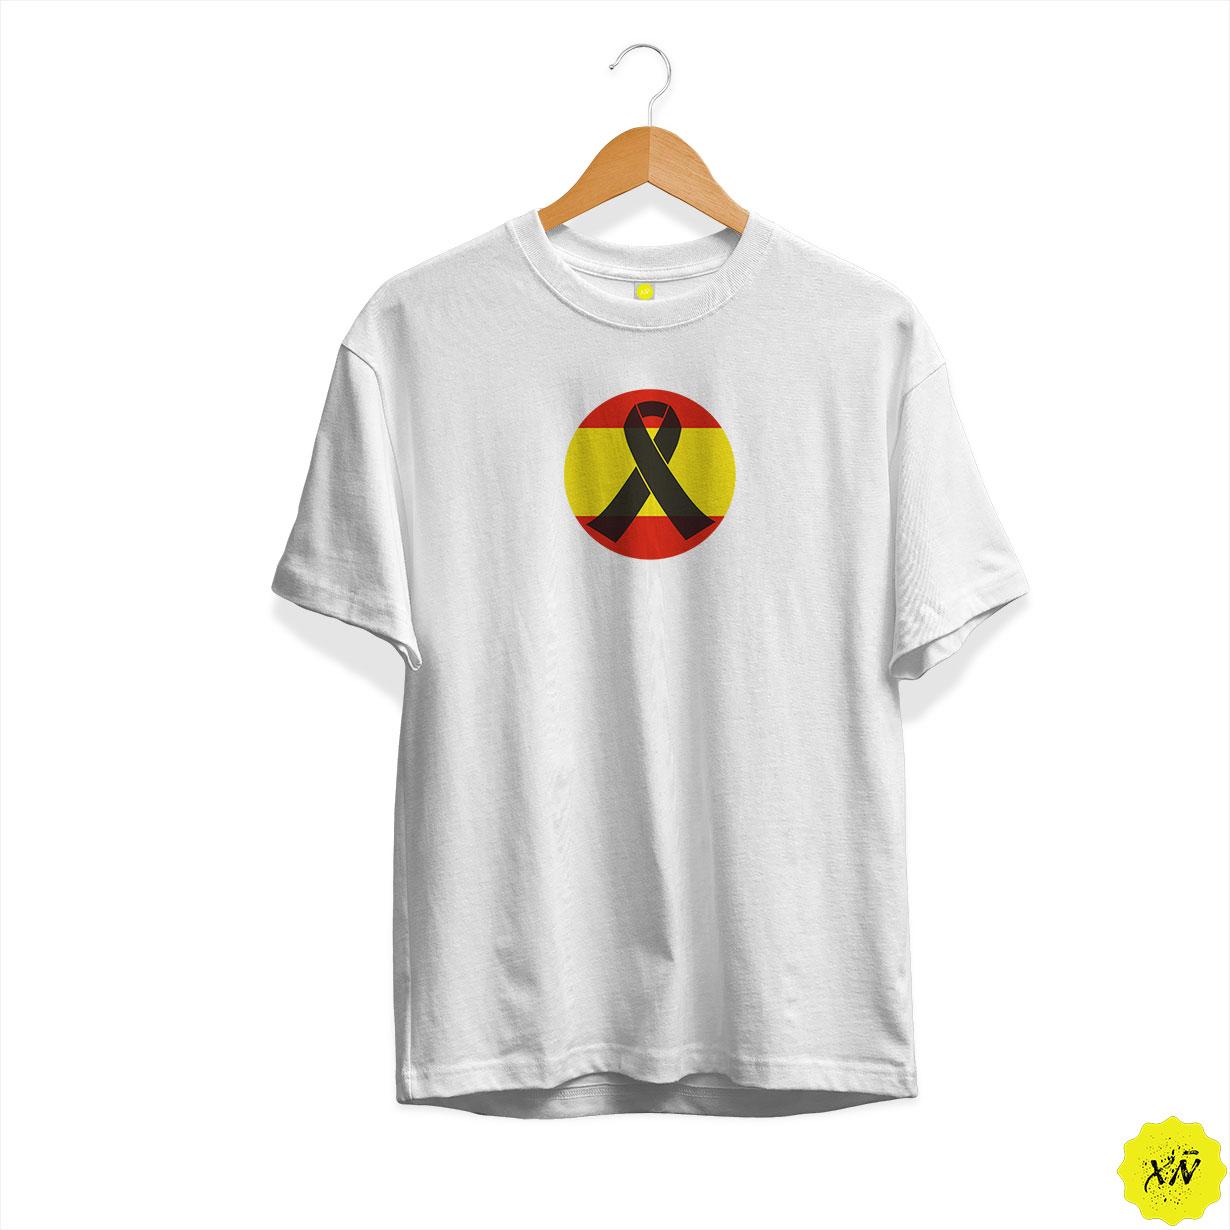 Camiseta mujer bandera españa circulo aviador ejercito ENVIO